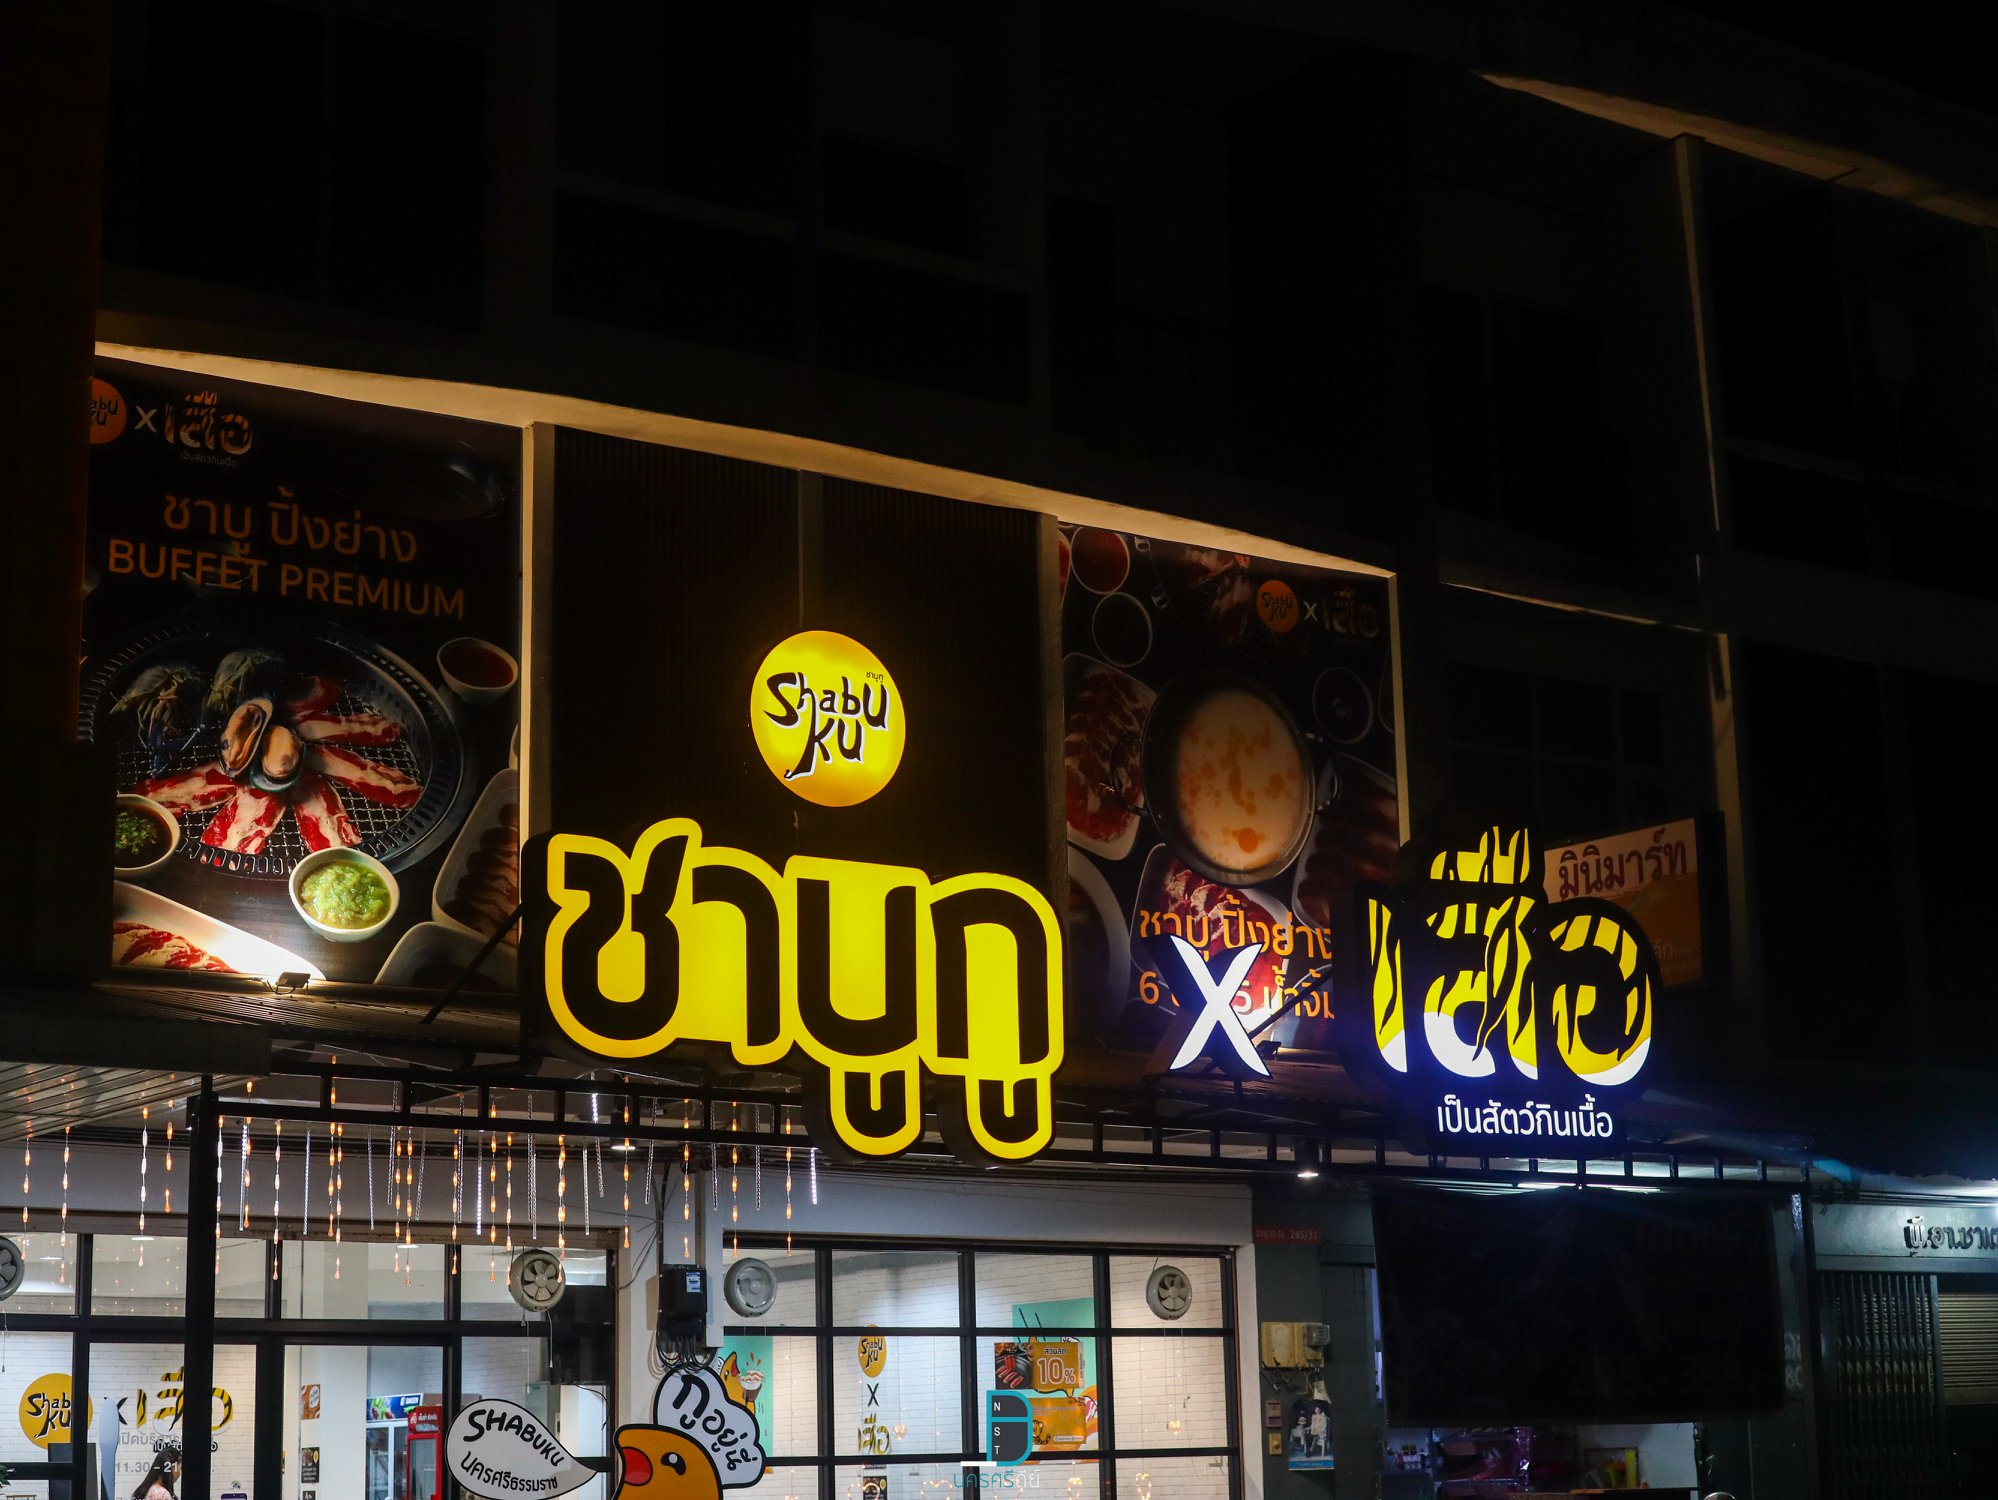 ชาบูกู,เสือ,นครศรีธรรมราช,ปิ้งย่าง,ยำ,อร่อย